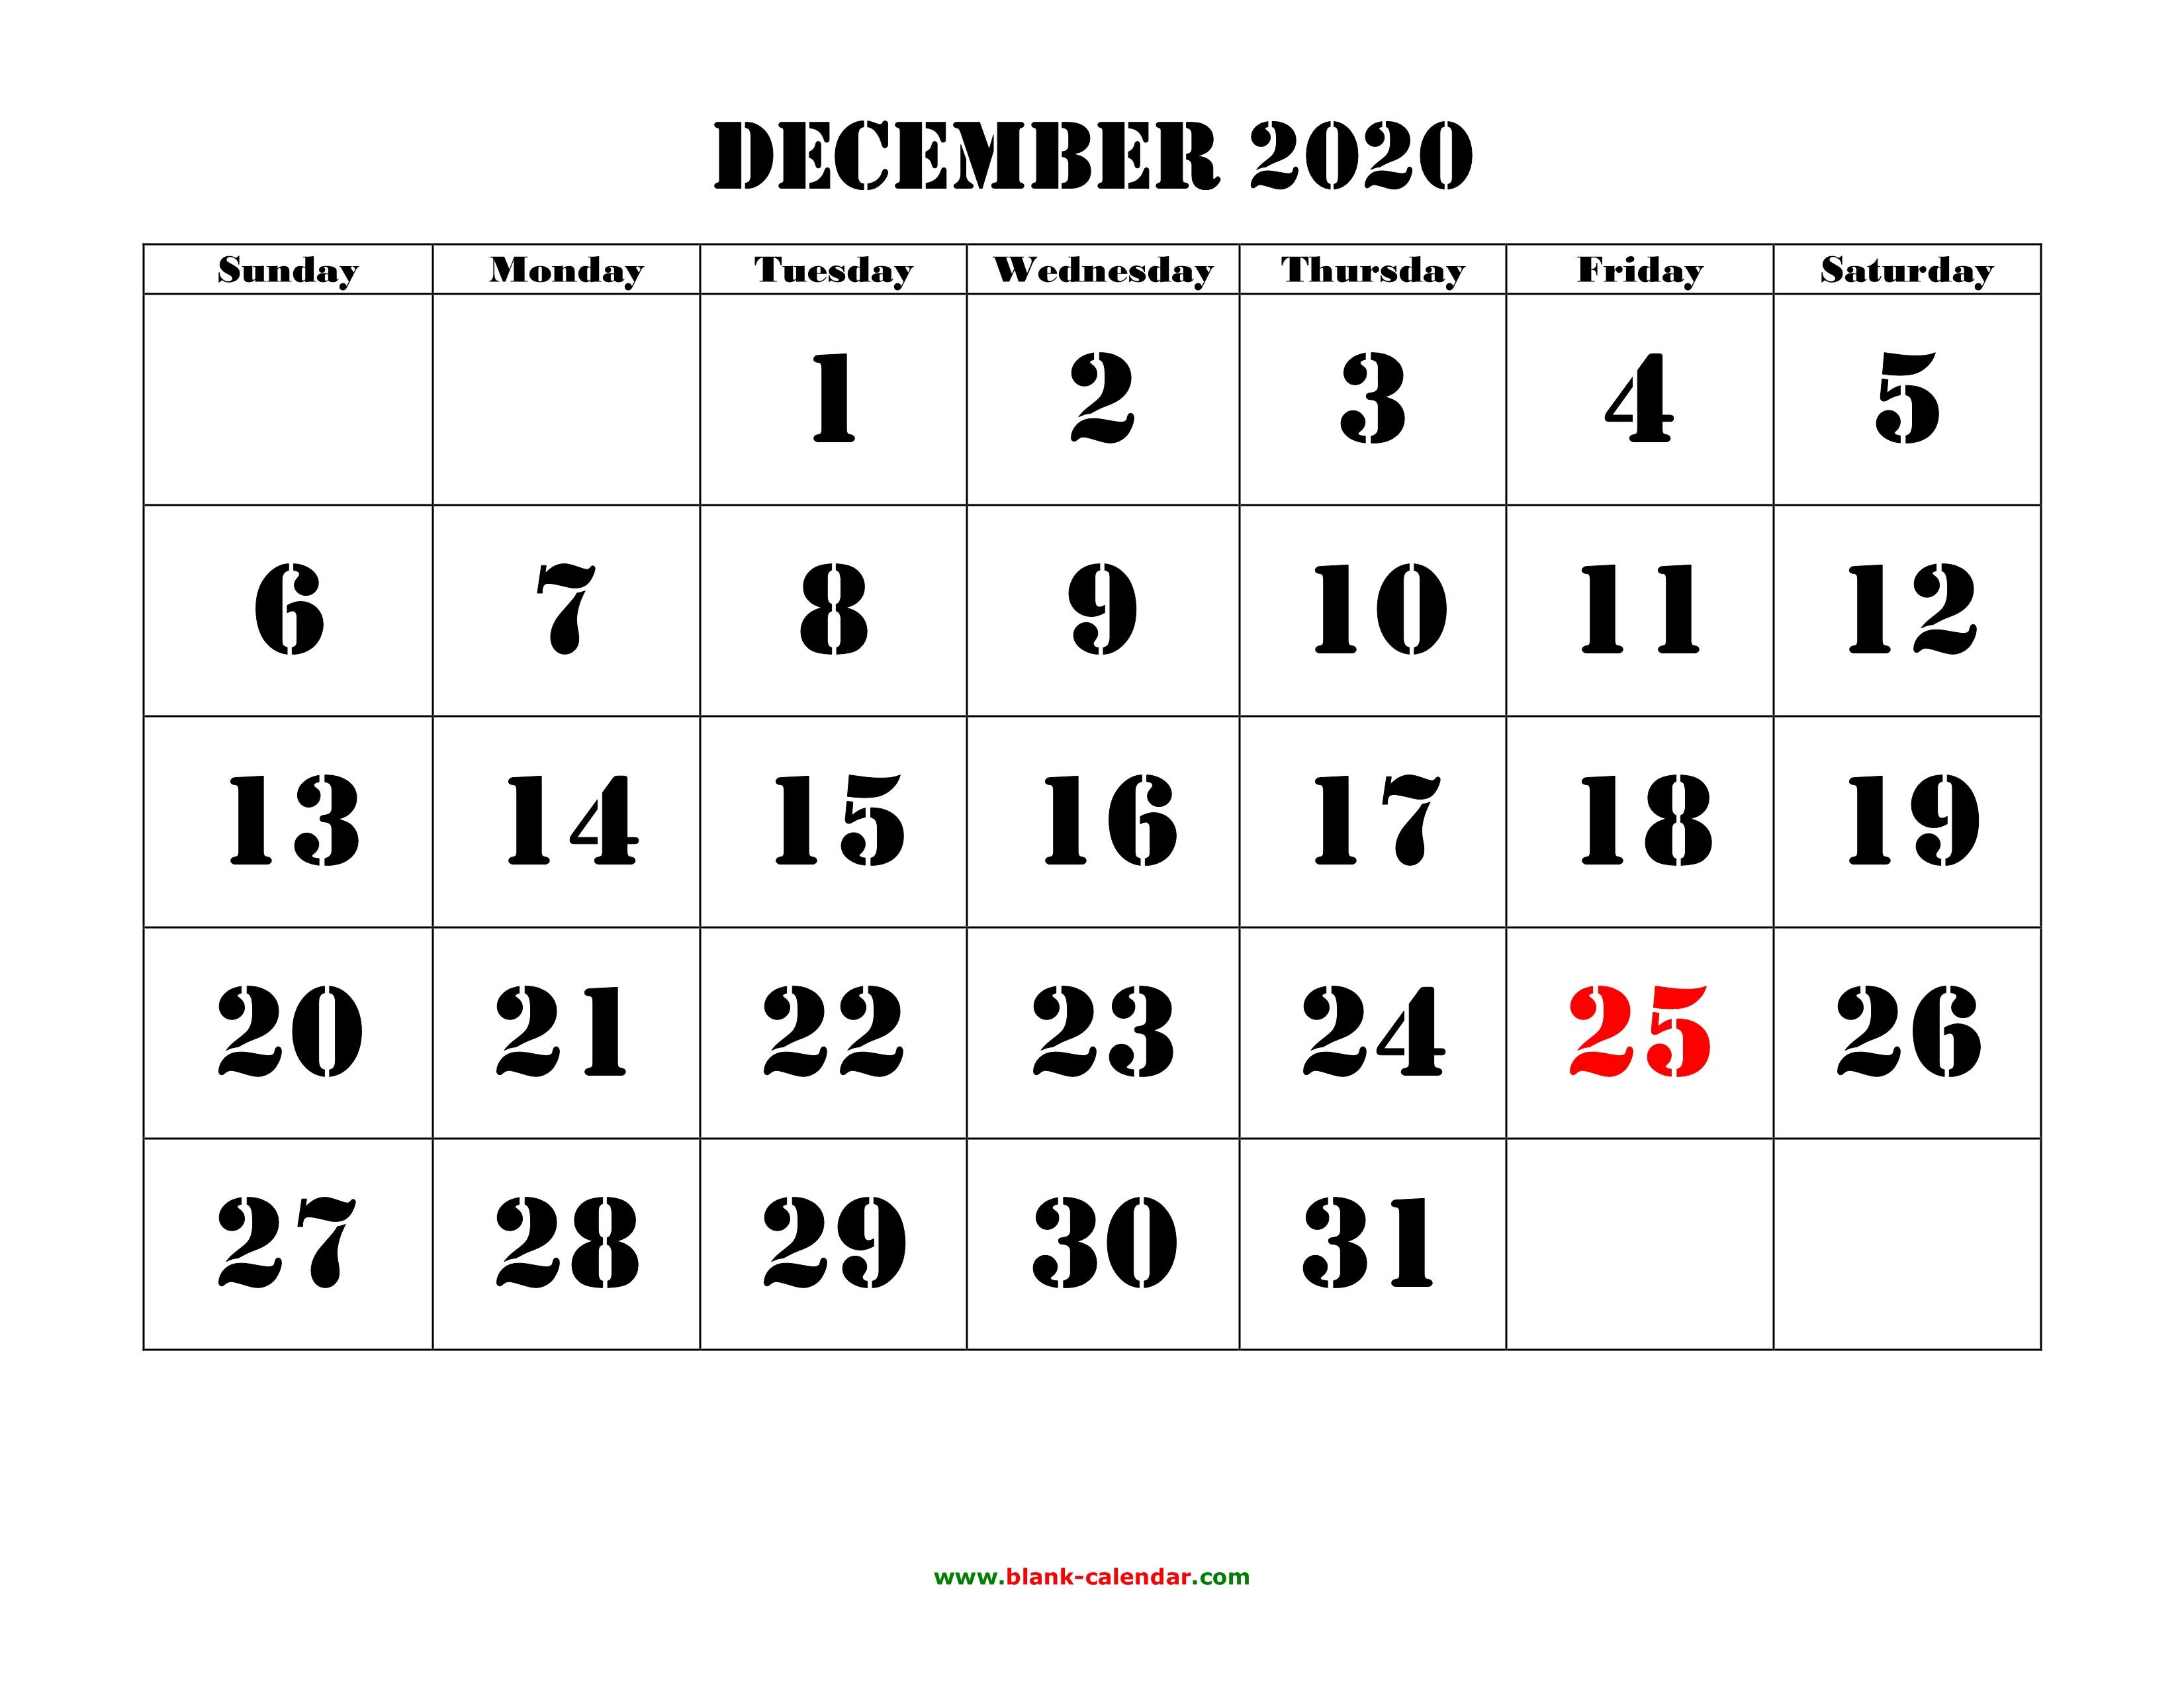 Free Download Printable December 2020 Calendar, Large Font Design